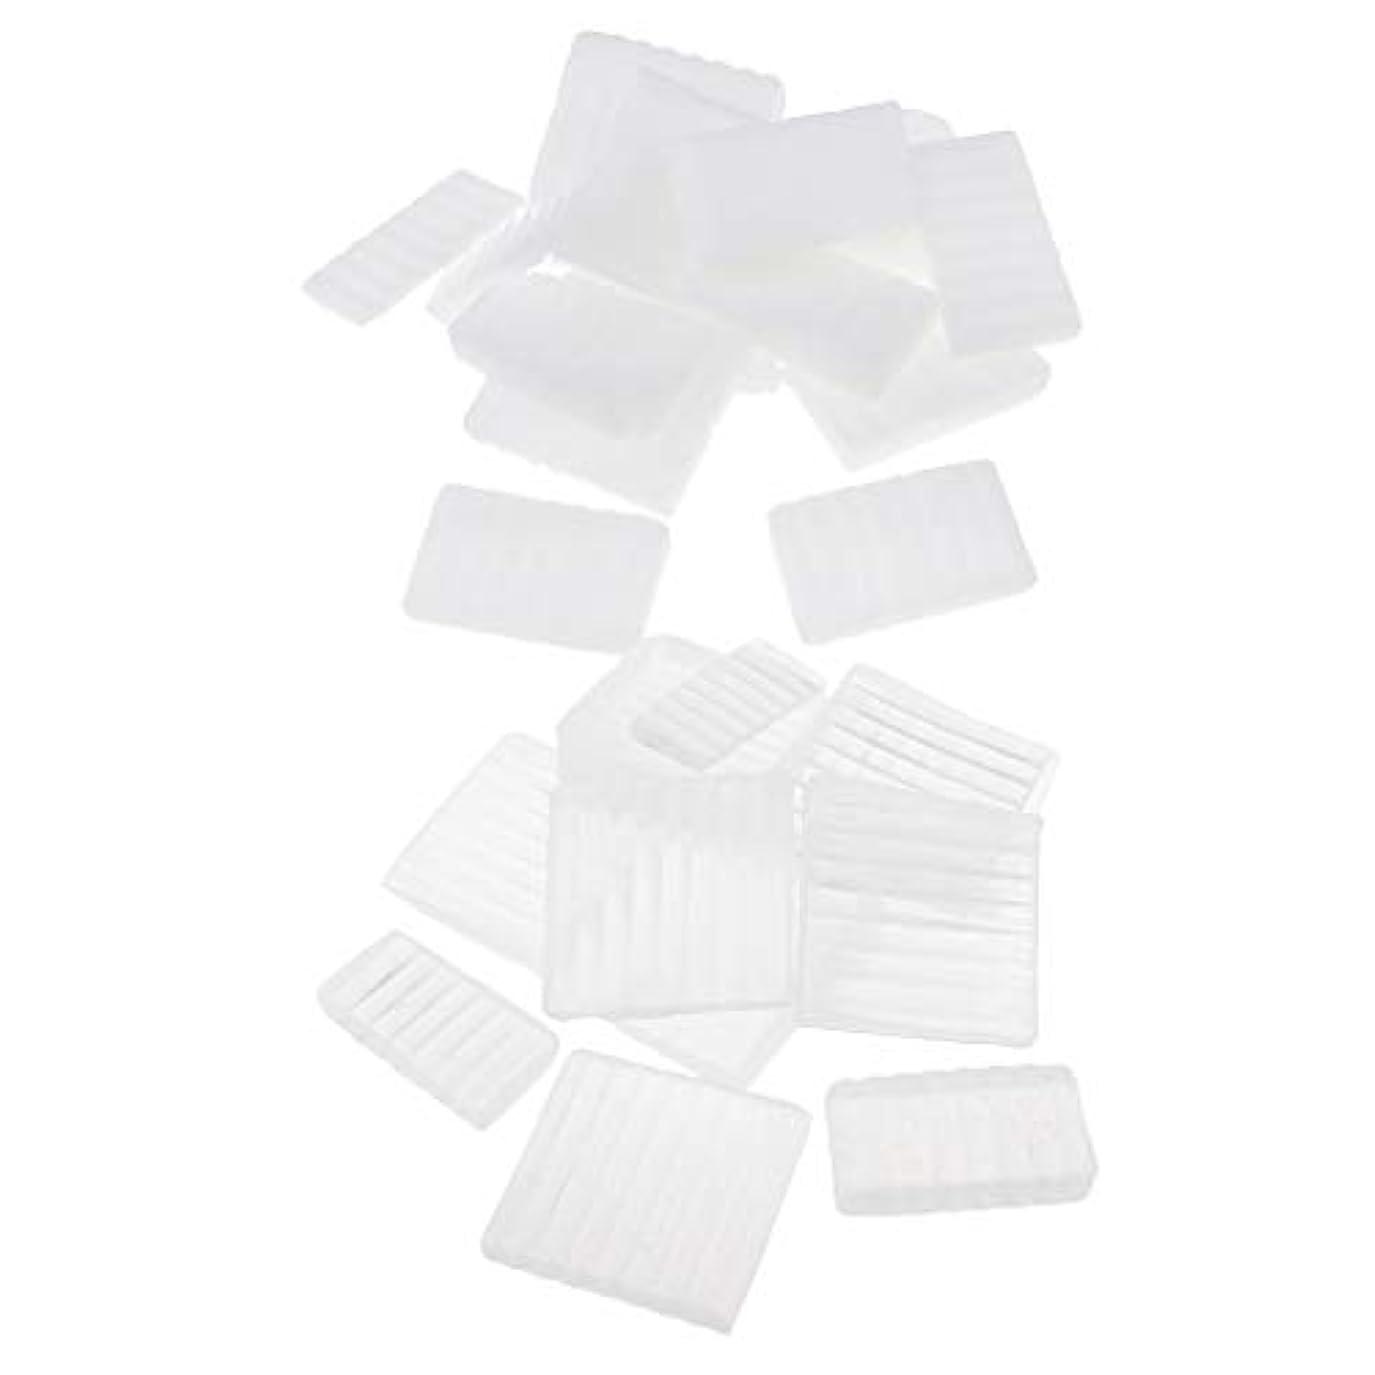 キャンベラ毎日パーセントソープベース 石鹸作り 手作りソープ素材 石けん 石鹸素地 作り ソープ 手作り